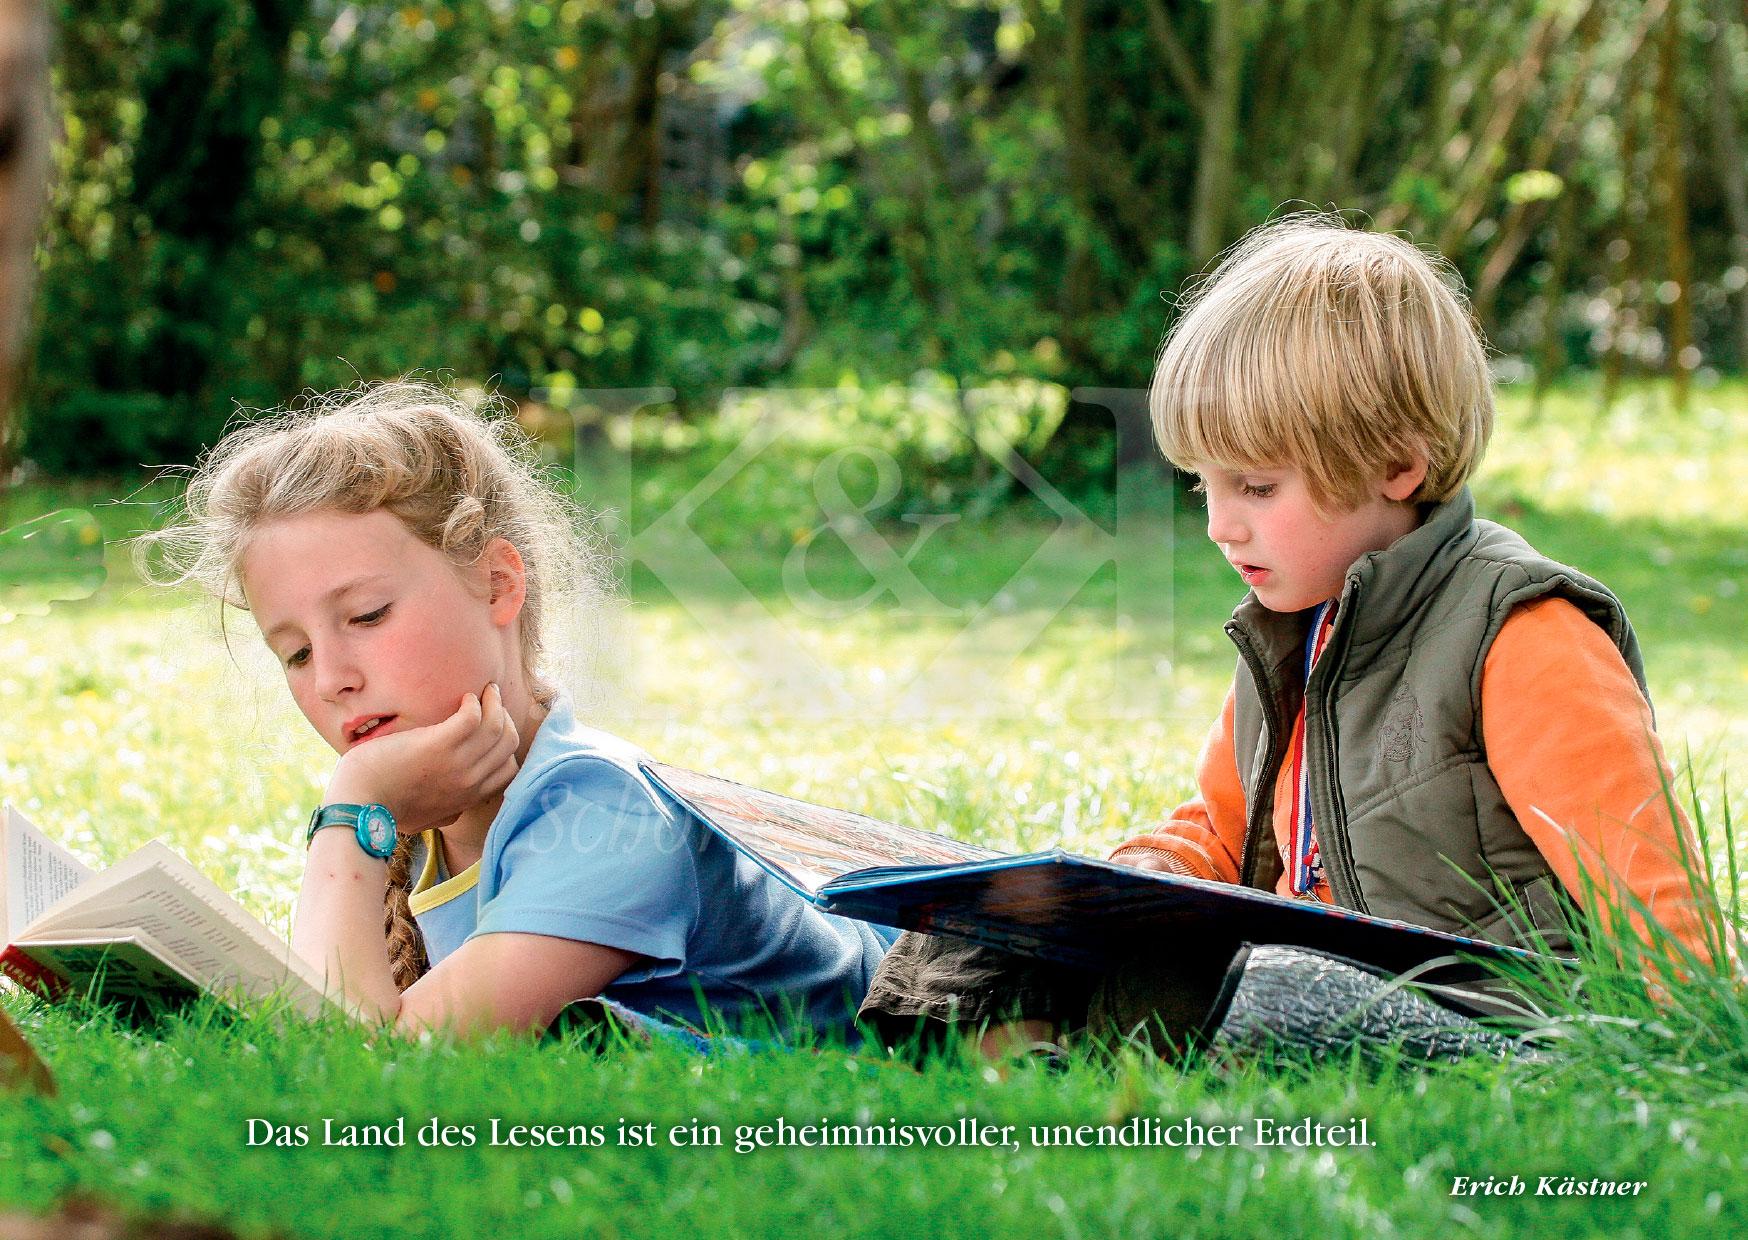 Schöne Postkarte Nr. 106 · Im Land des Lesens versunken · © www.schoenepostkarten.de